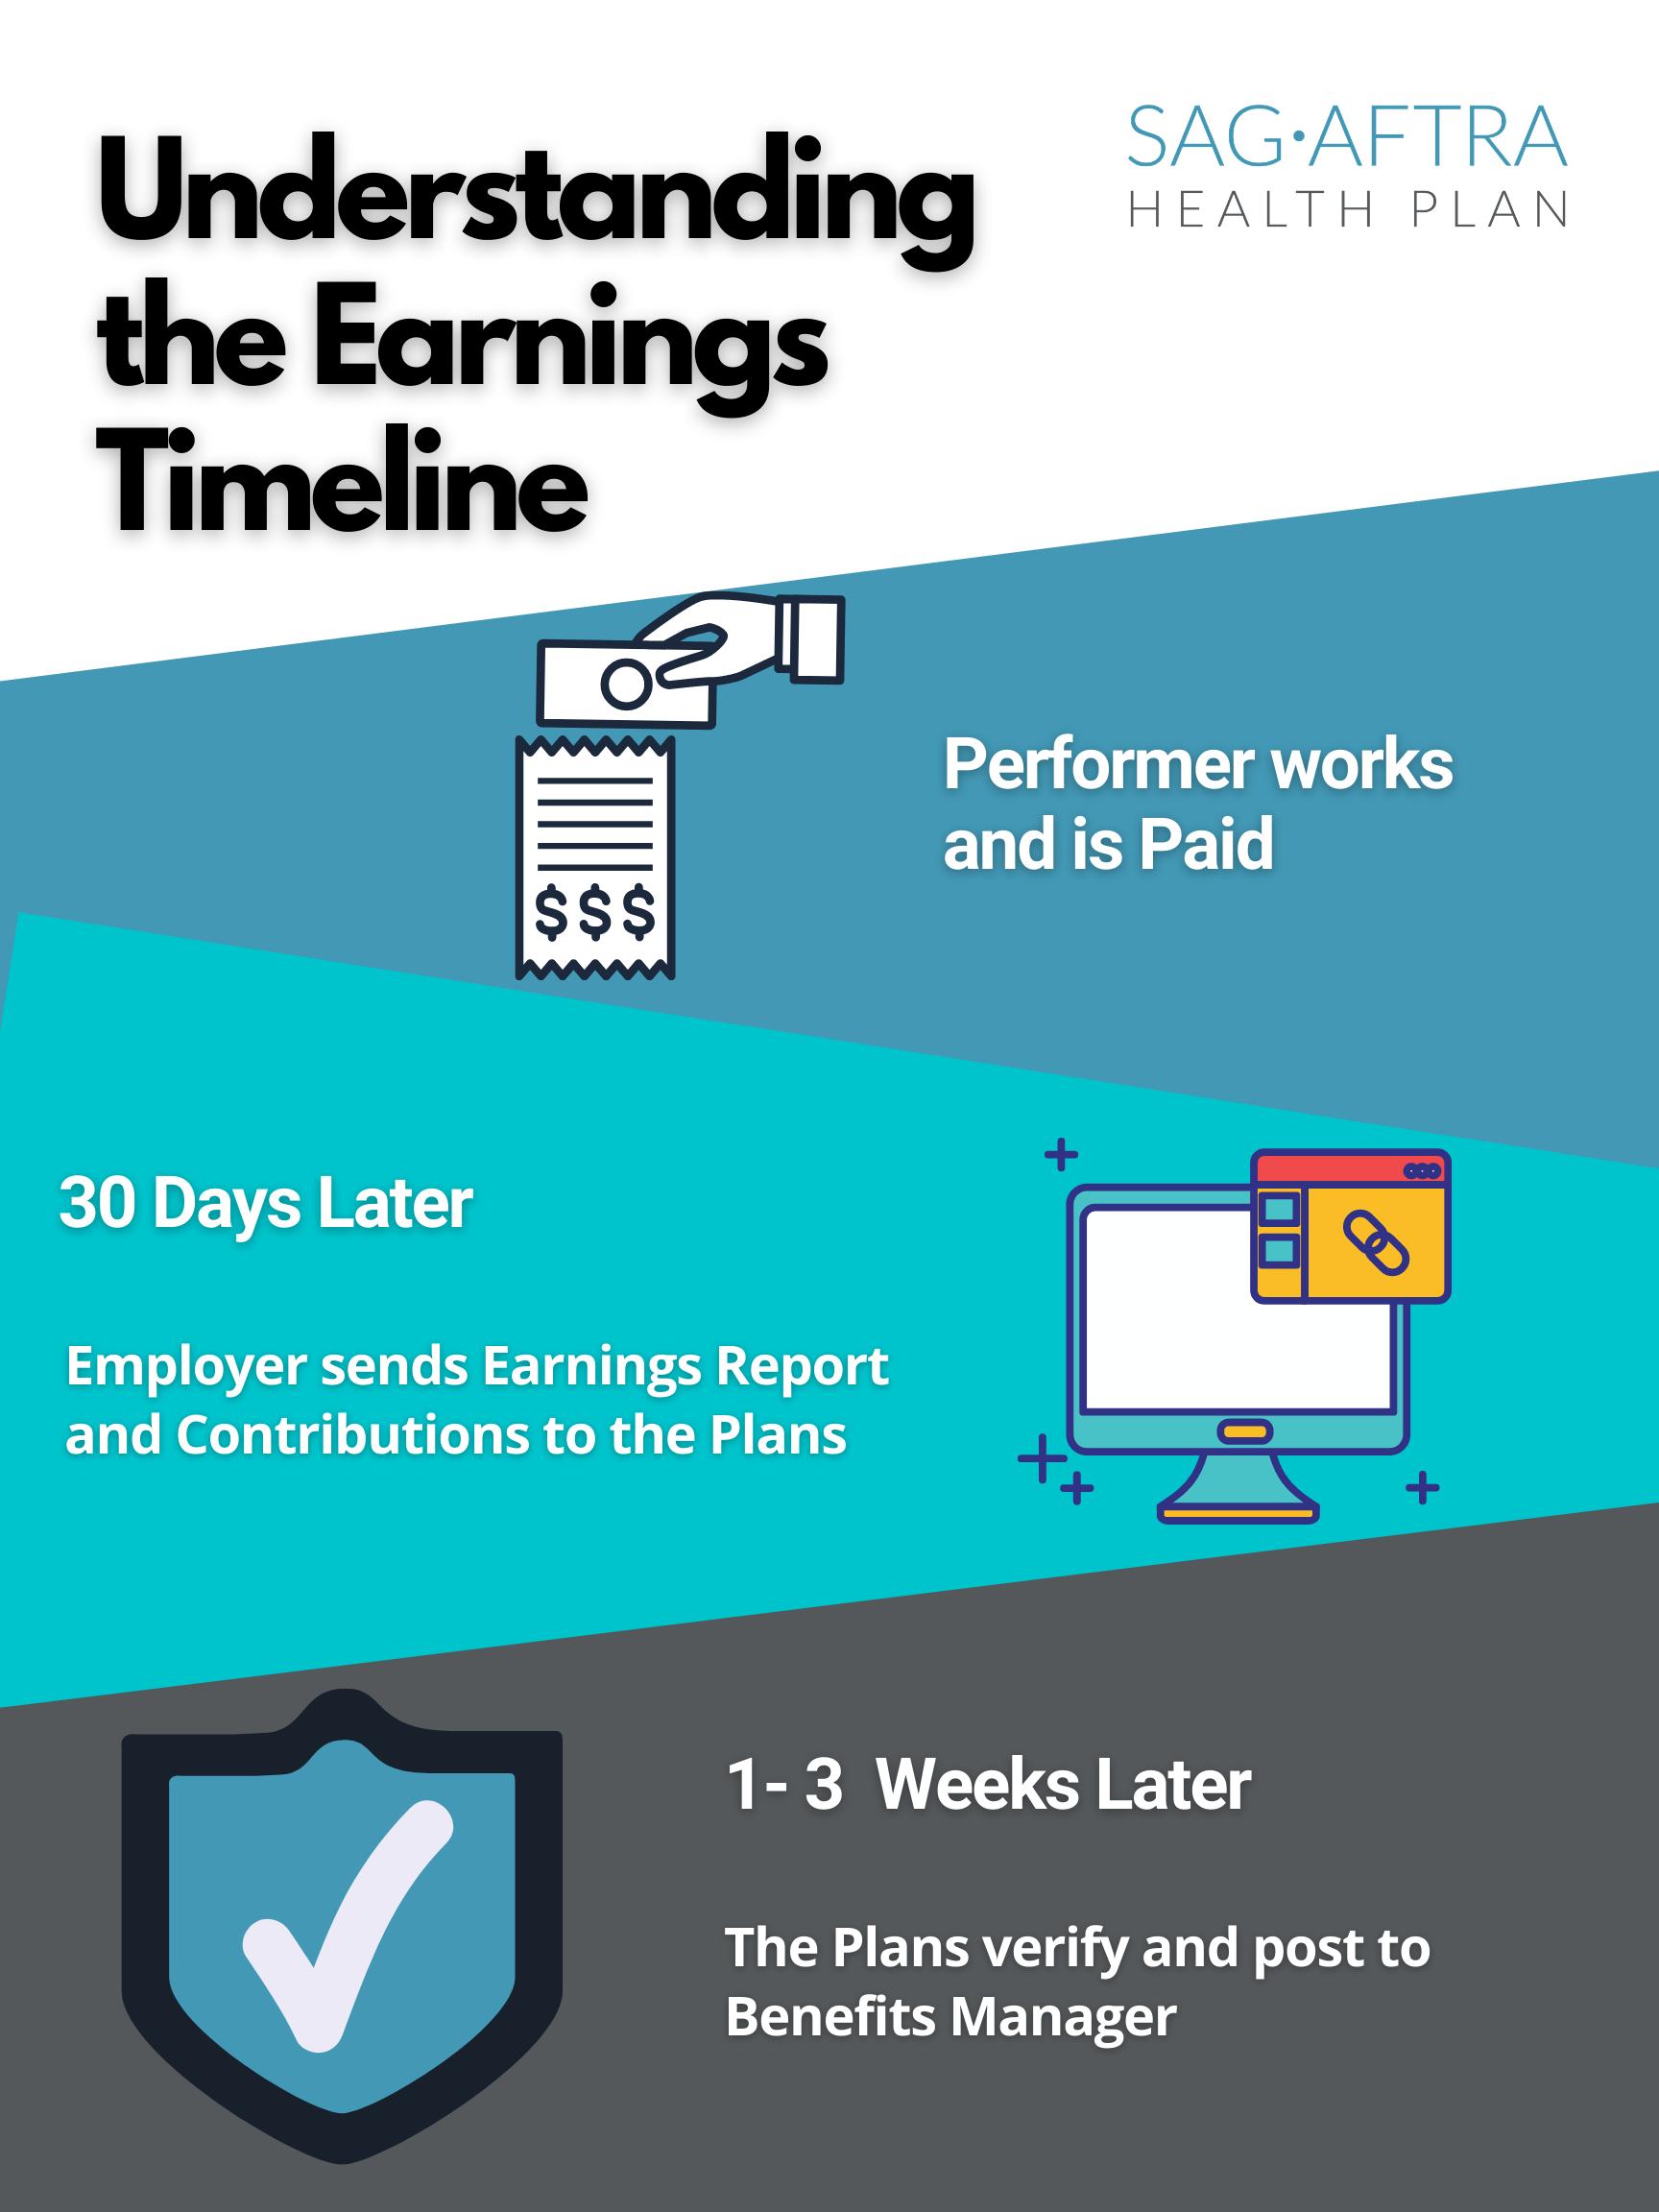 understanding earnings